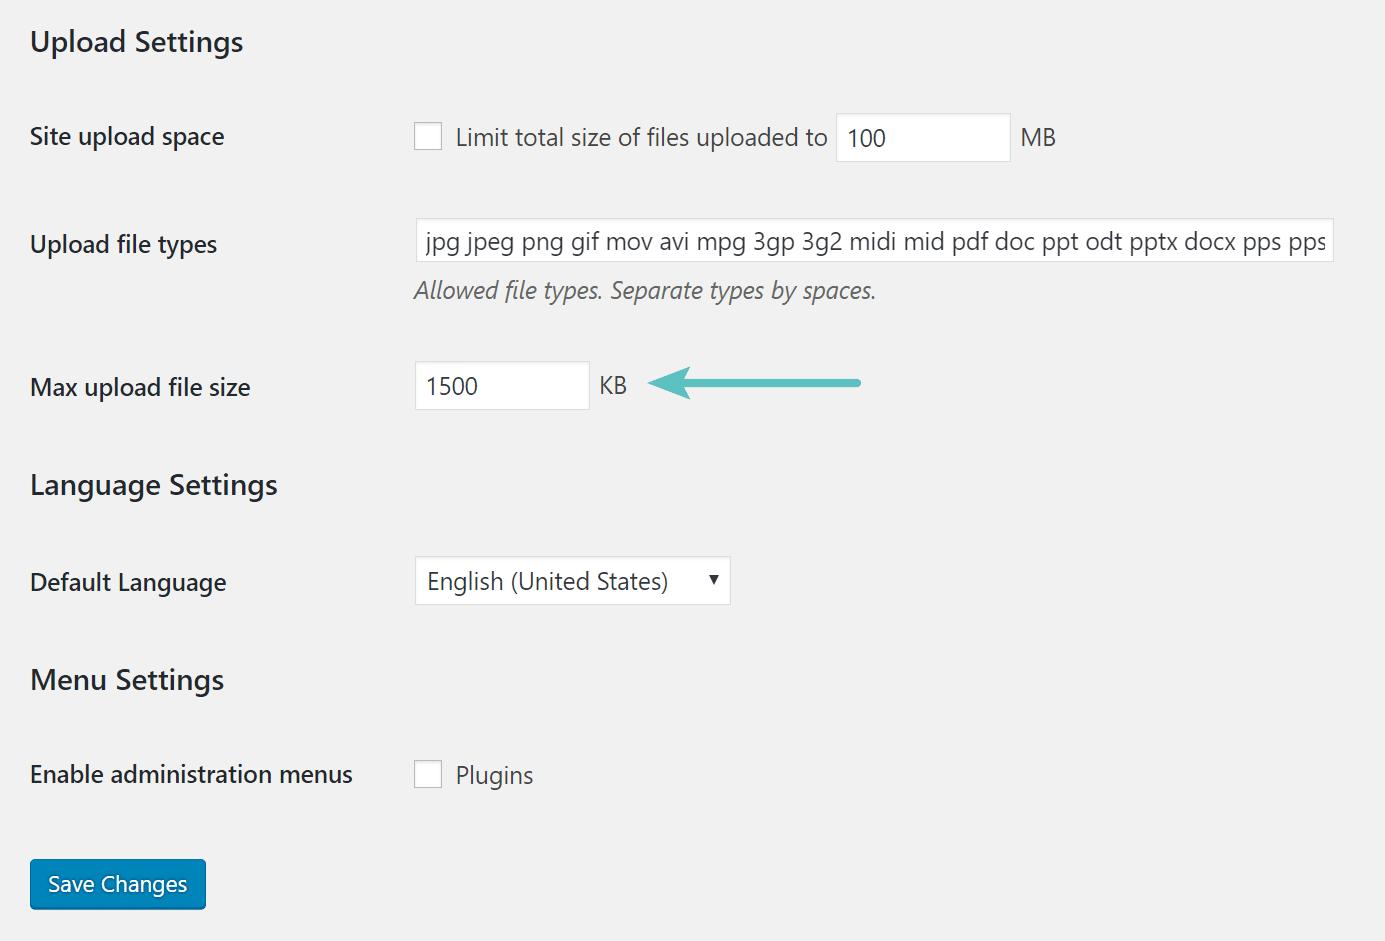 Wijzig de maximale bestandsgrootte voor uploads voor een Multisite